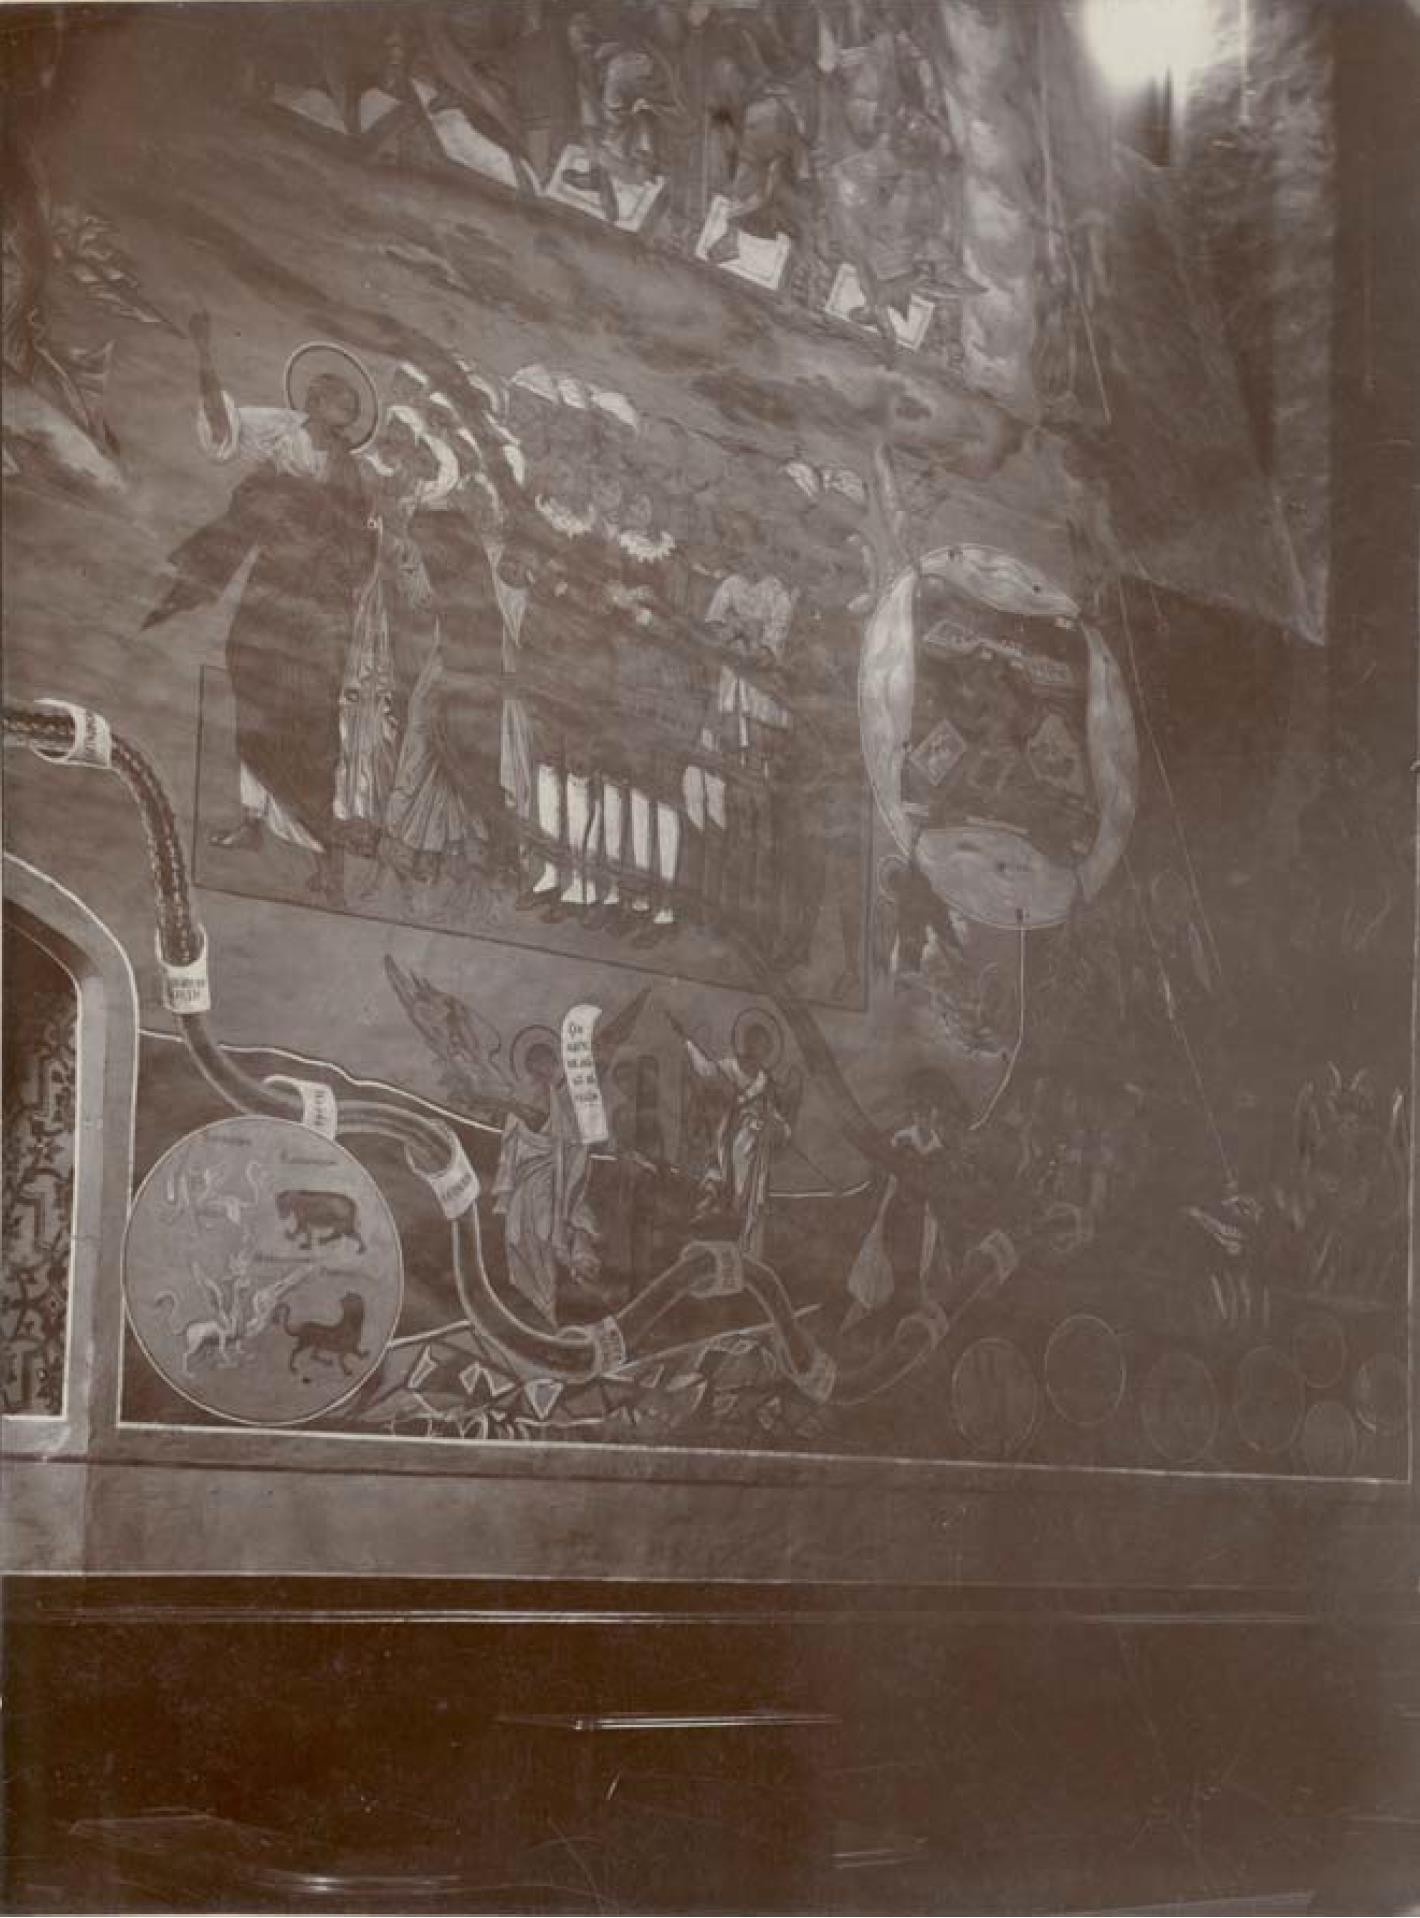 Княгинин монастырь. Древние фрески стенной иконописи XIII века в Успенском женском монастыре, на западной стороне. Фреска «Страшный суд» в Успенском соборе.Мелехов Я.Я. 1890-е гг.